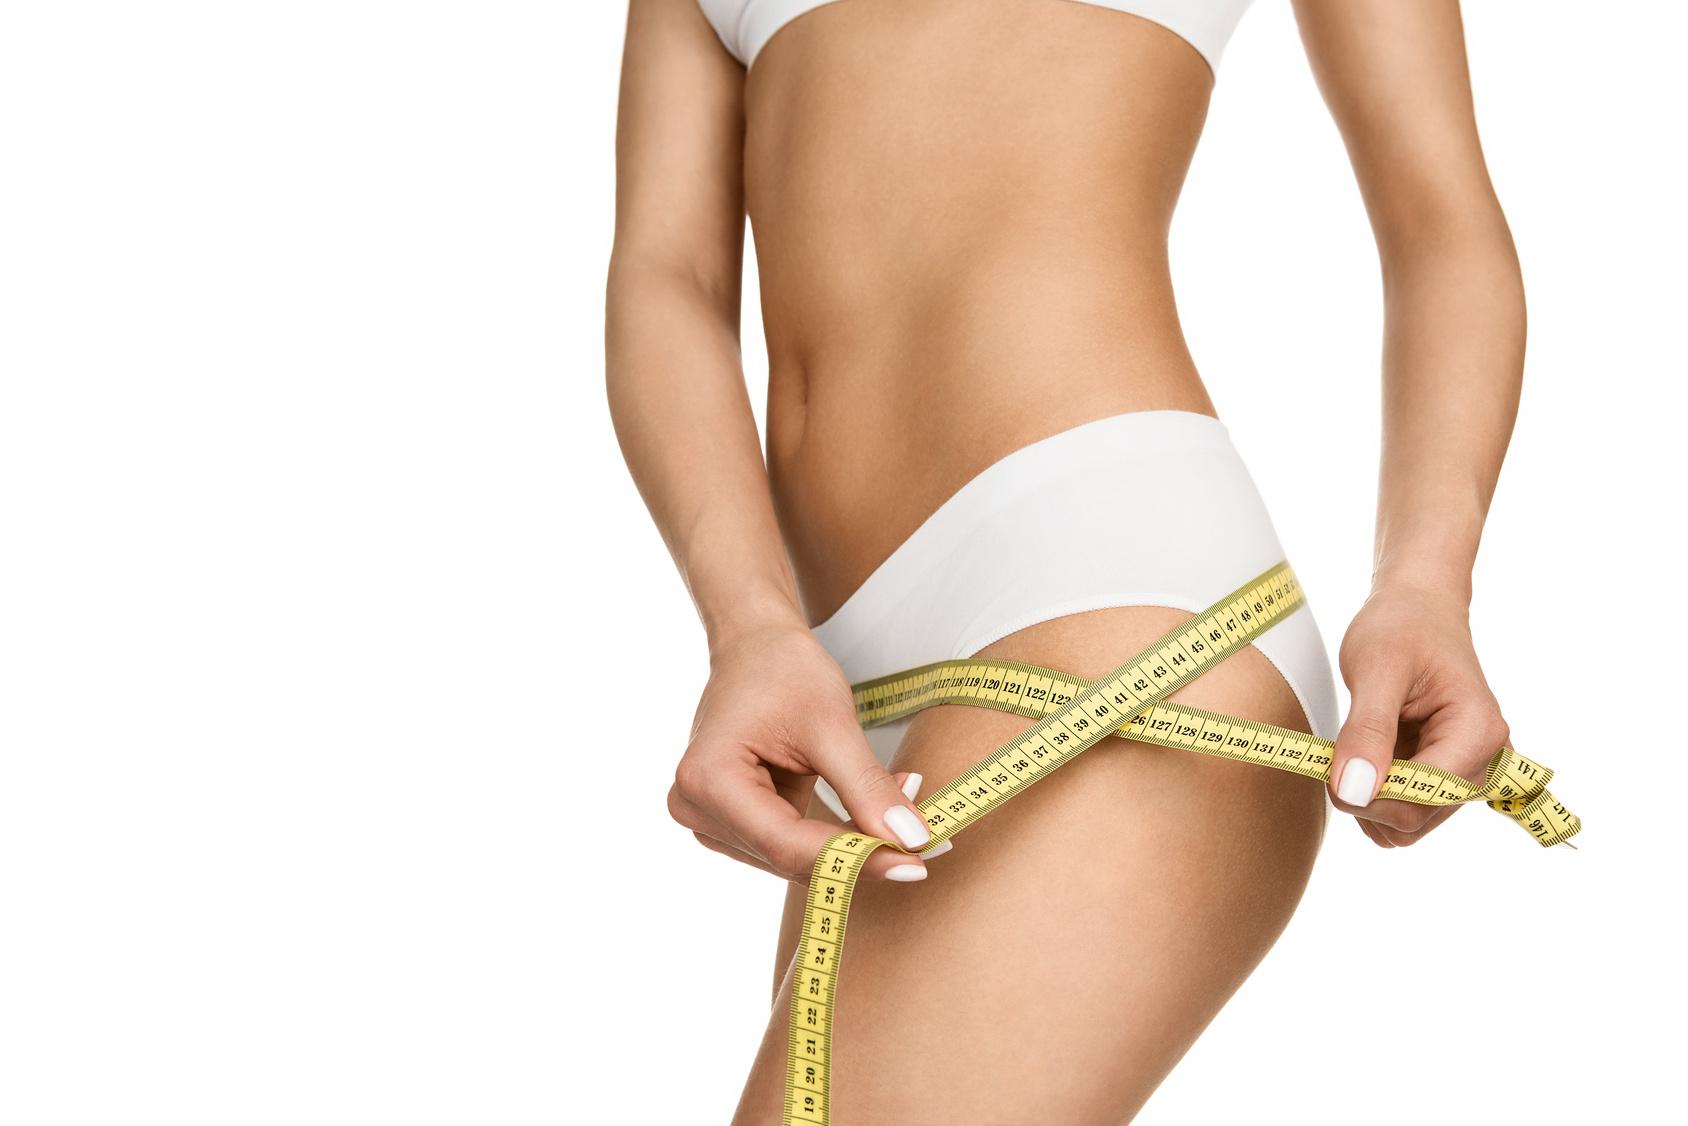 Aqualyx - usuwanie tkanki tłuszczowej